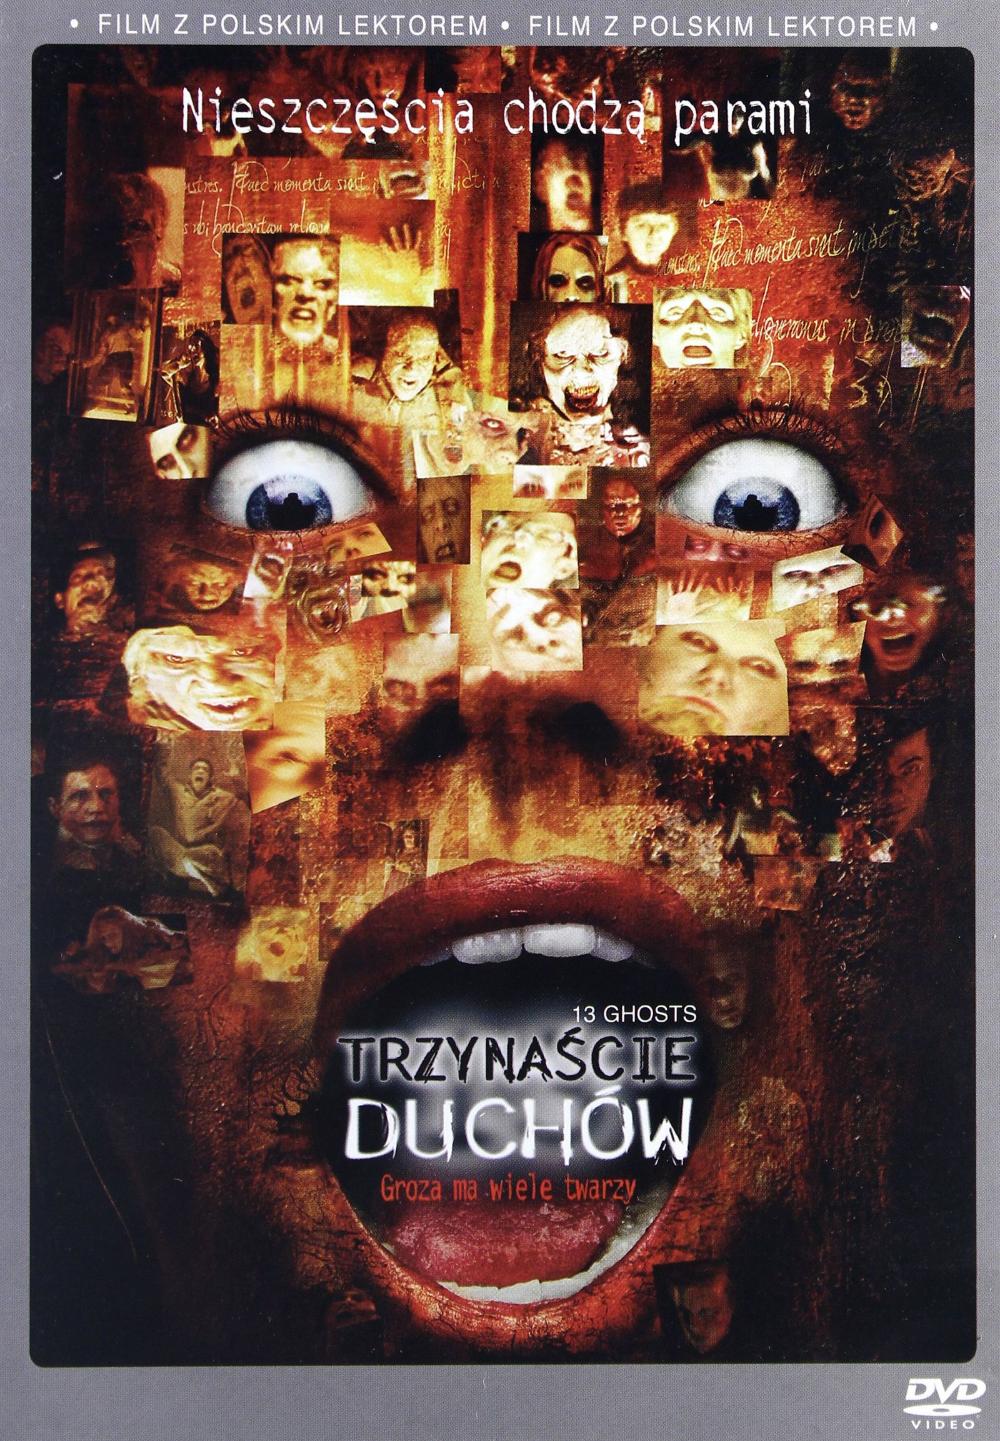 13 Duchow Polski Lektor Tony Shalhoub Dvd 5625163003 Oficjalne Archiwum Allegro Ghost Movies Tony Shalhoub Ghost